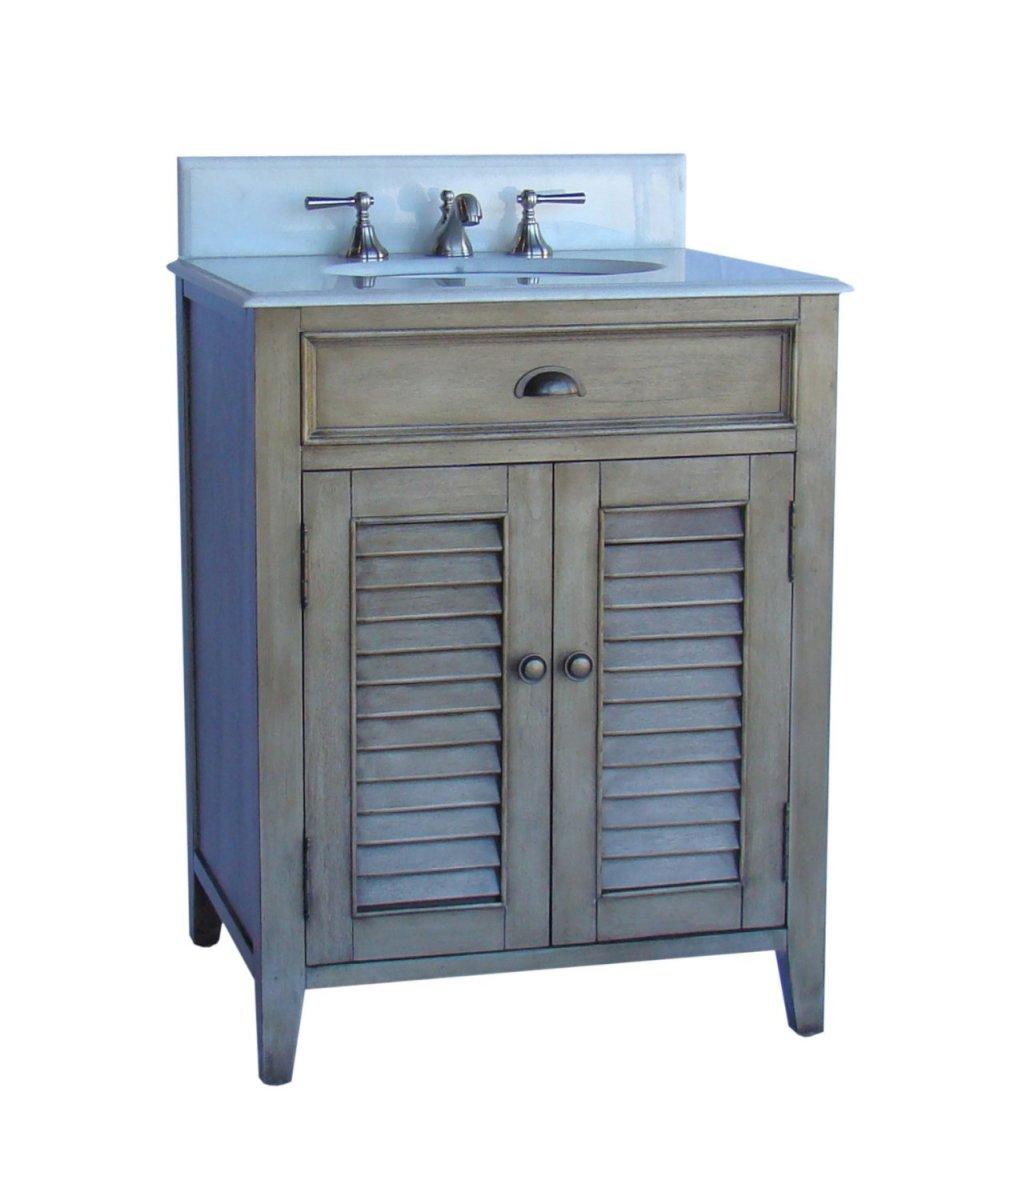 complete-bathroom-vanities-under-500